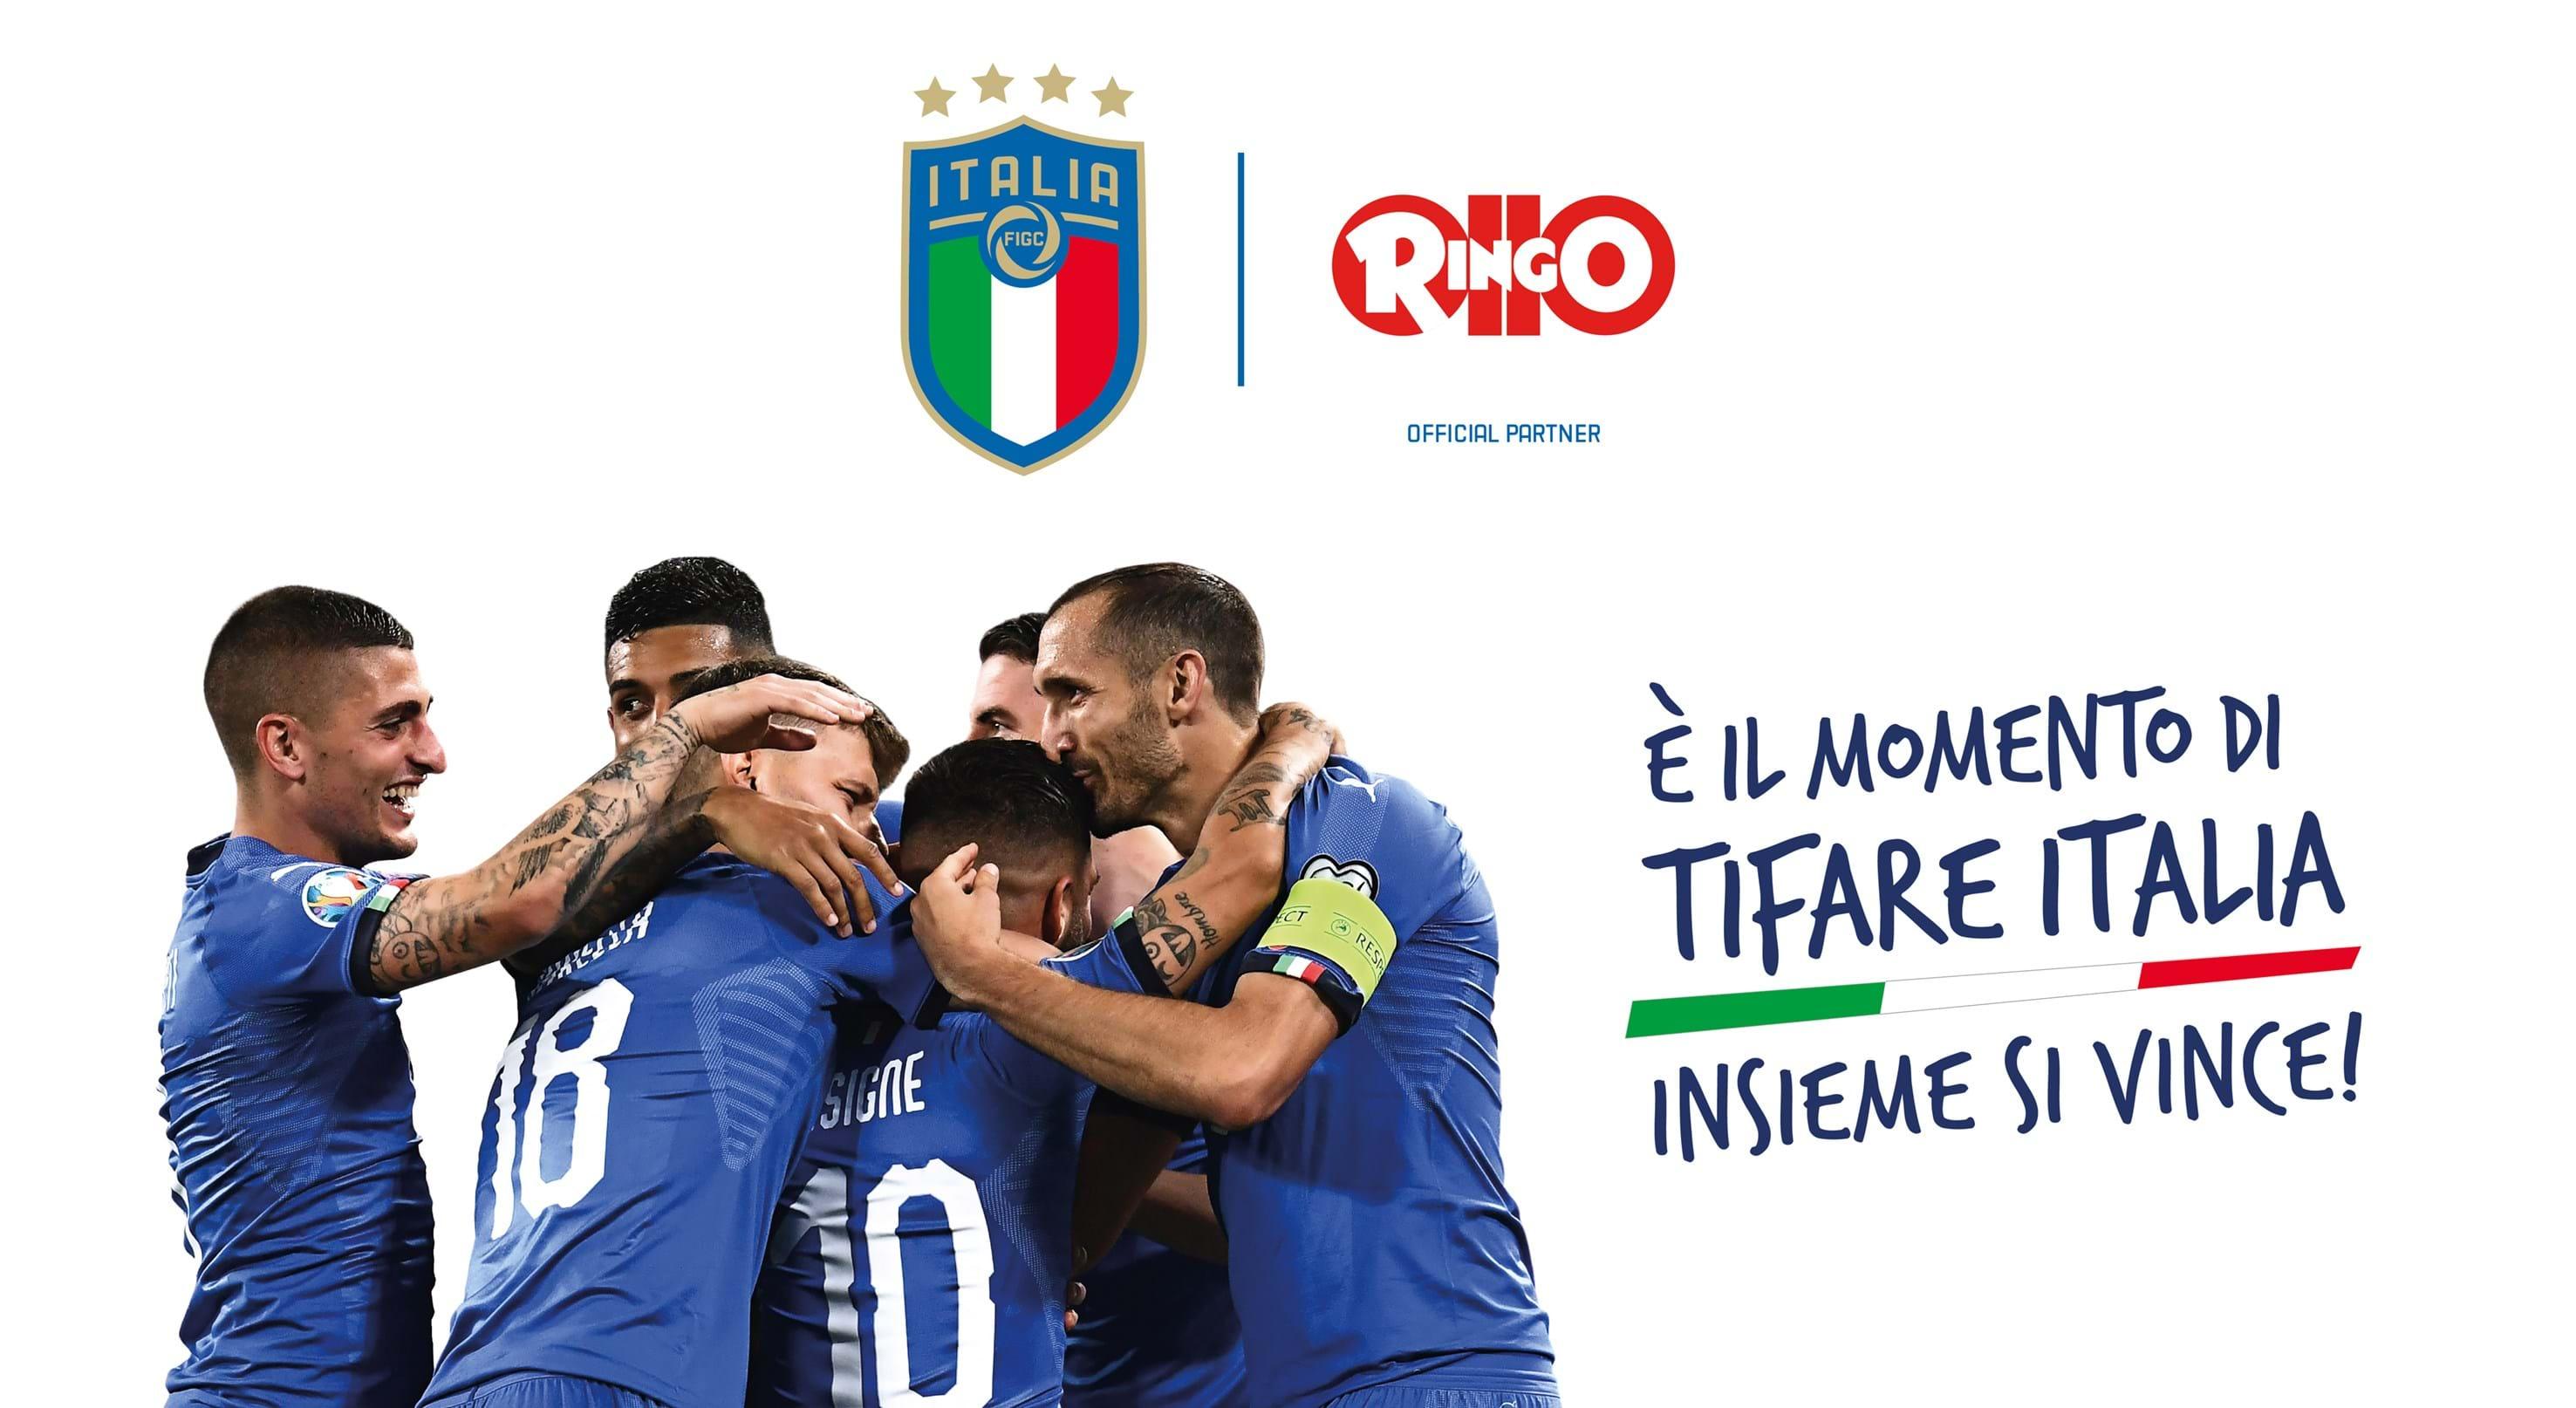 """Il Resto del Carlino - Ringo """"Official Partner"""" degli Azzurri"""